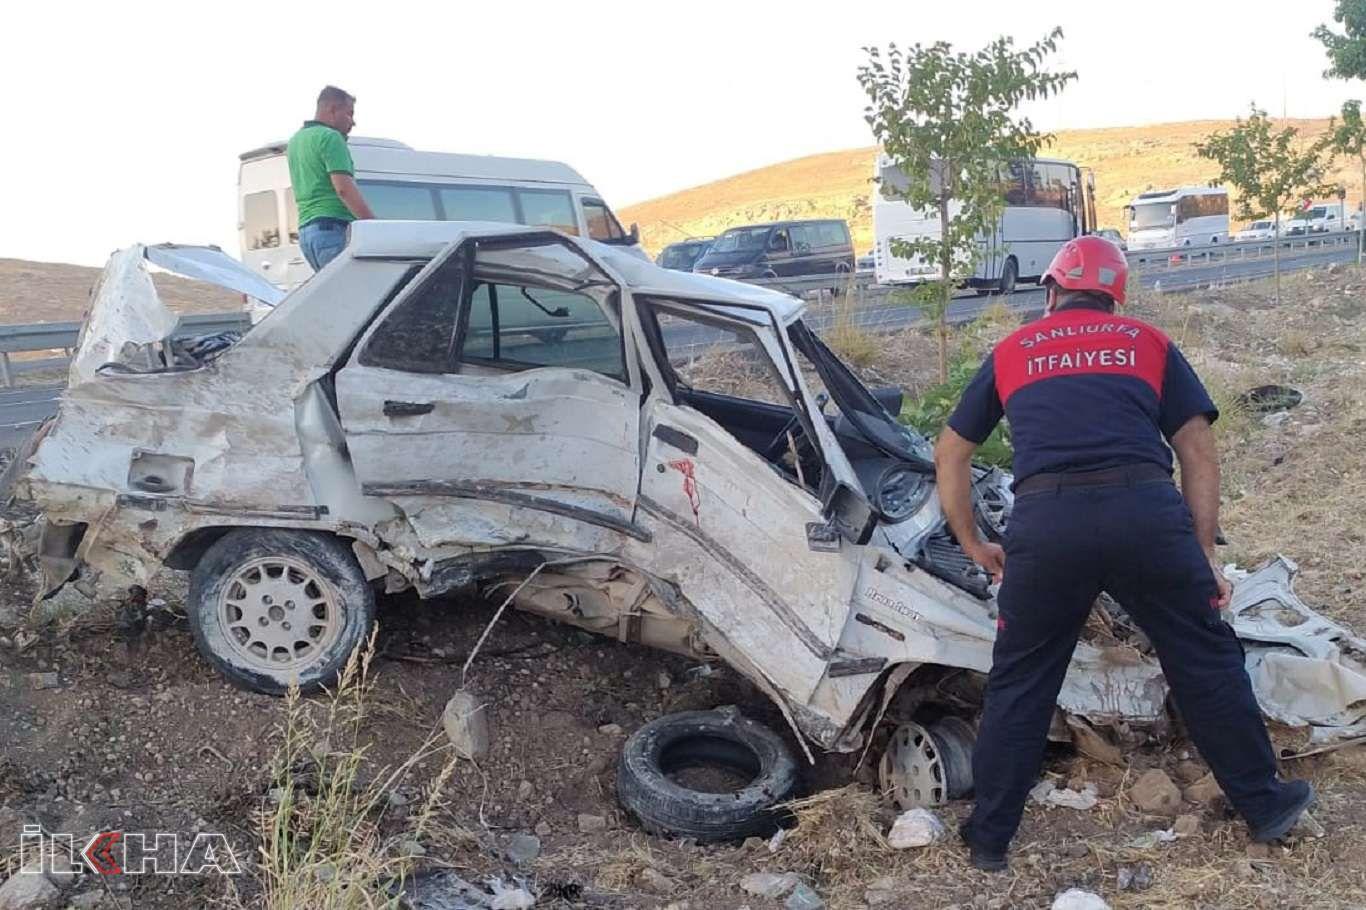 Direksiyon hakimiyetini kaybeden sürücü minibüsle çarpıştı